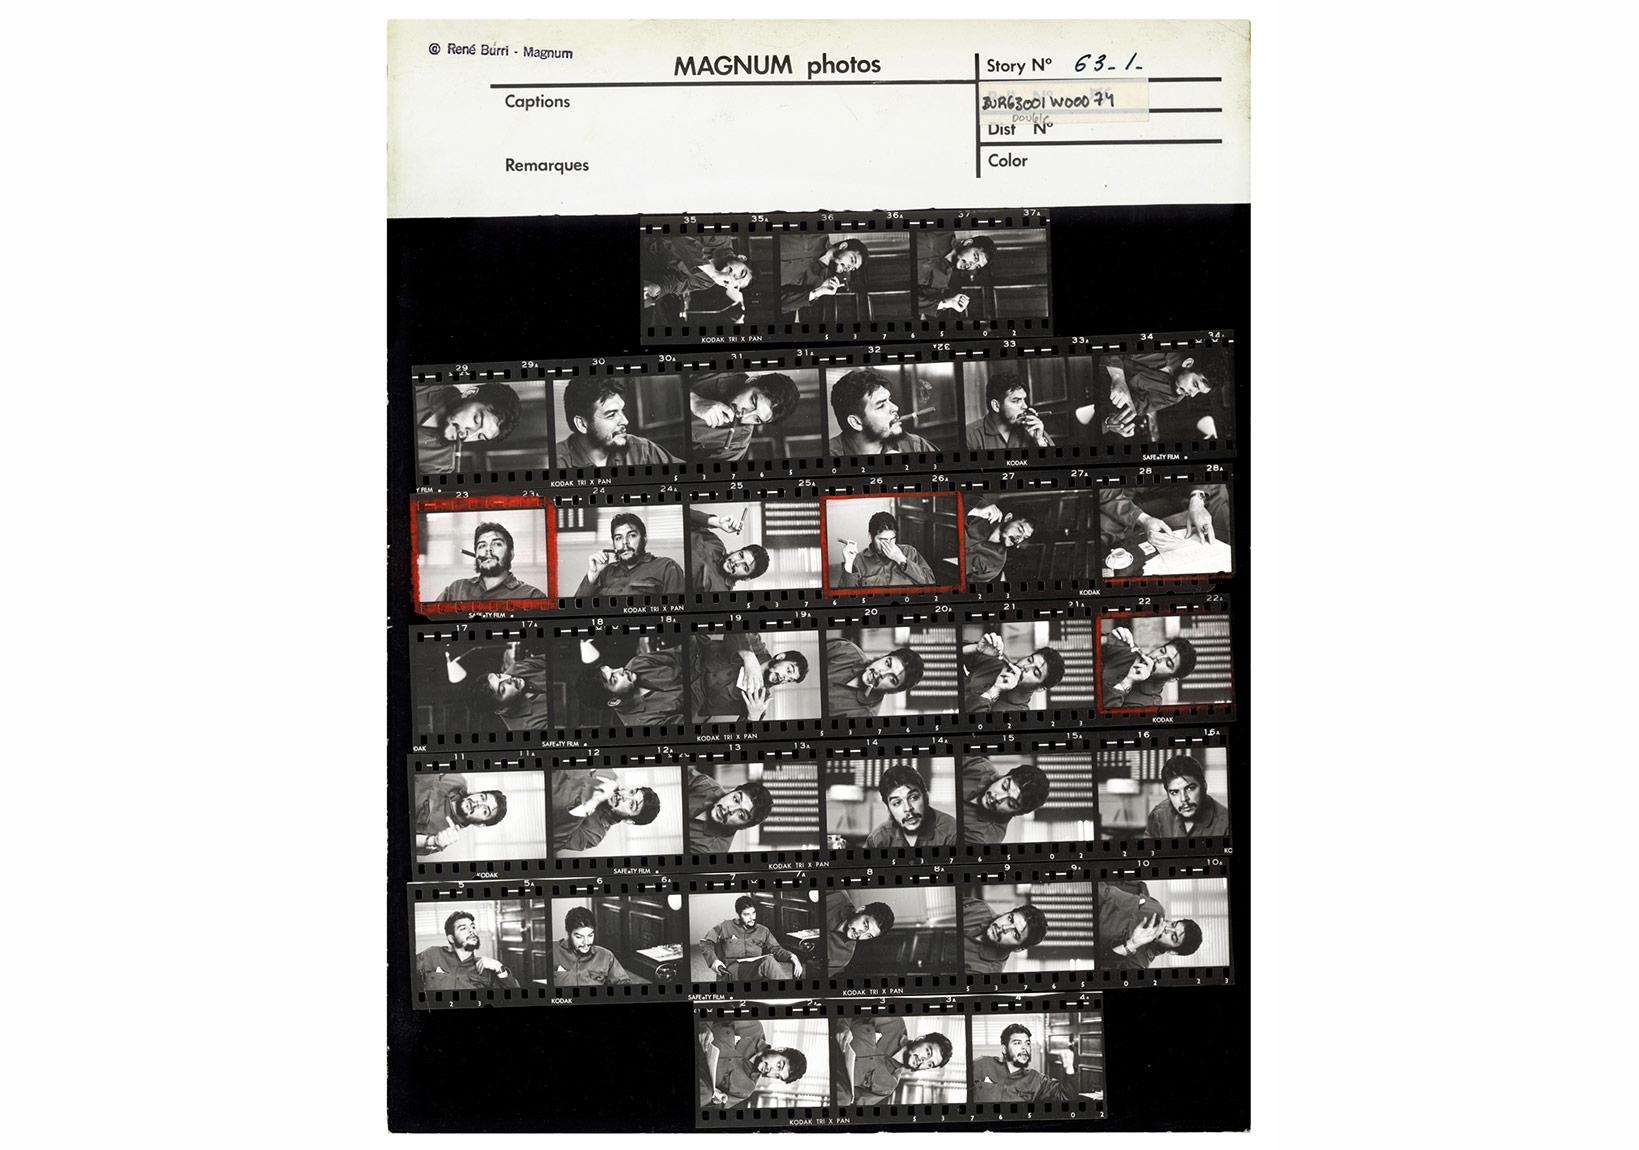 © René Burri/Magnum Photos,Havana, Küba, 1963. Arjantin doğumlu Küba Endüstri Bakanı Ernesto 'Che' Guevara, çalışma ofisinde verdiği özel söyleşi sırasında. Kontakt Baskı.